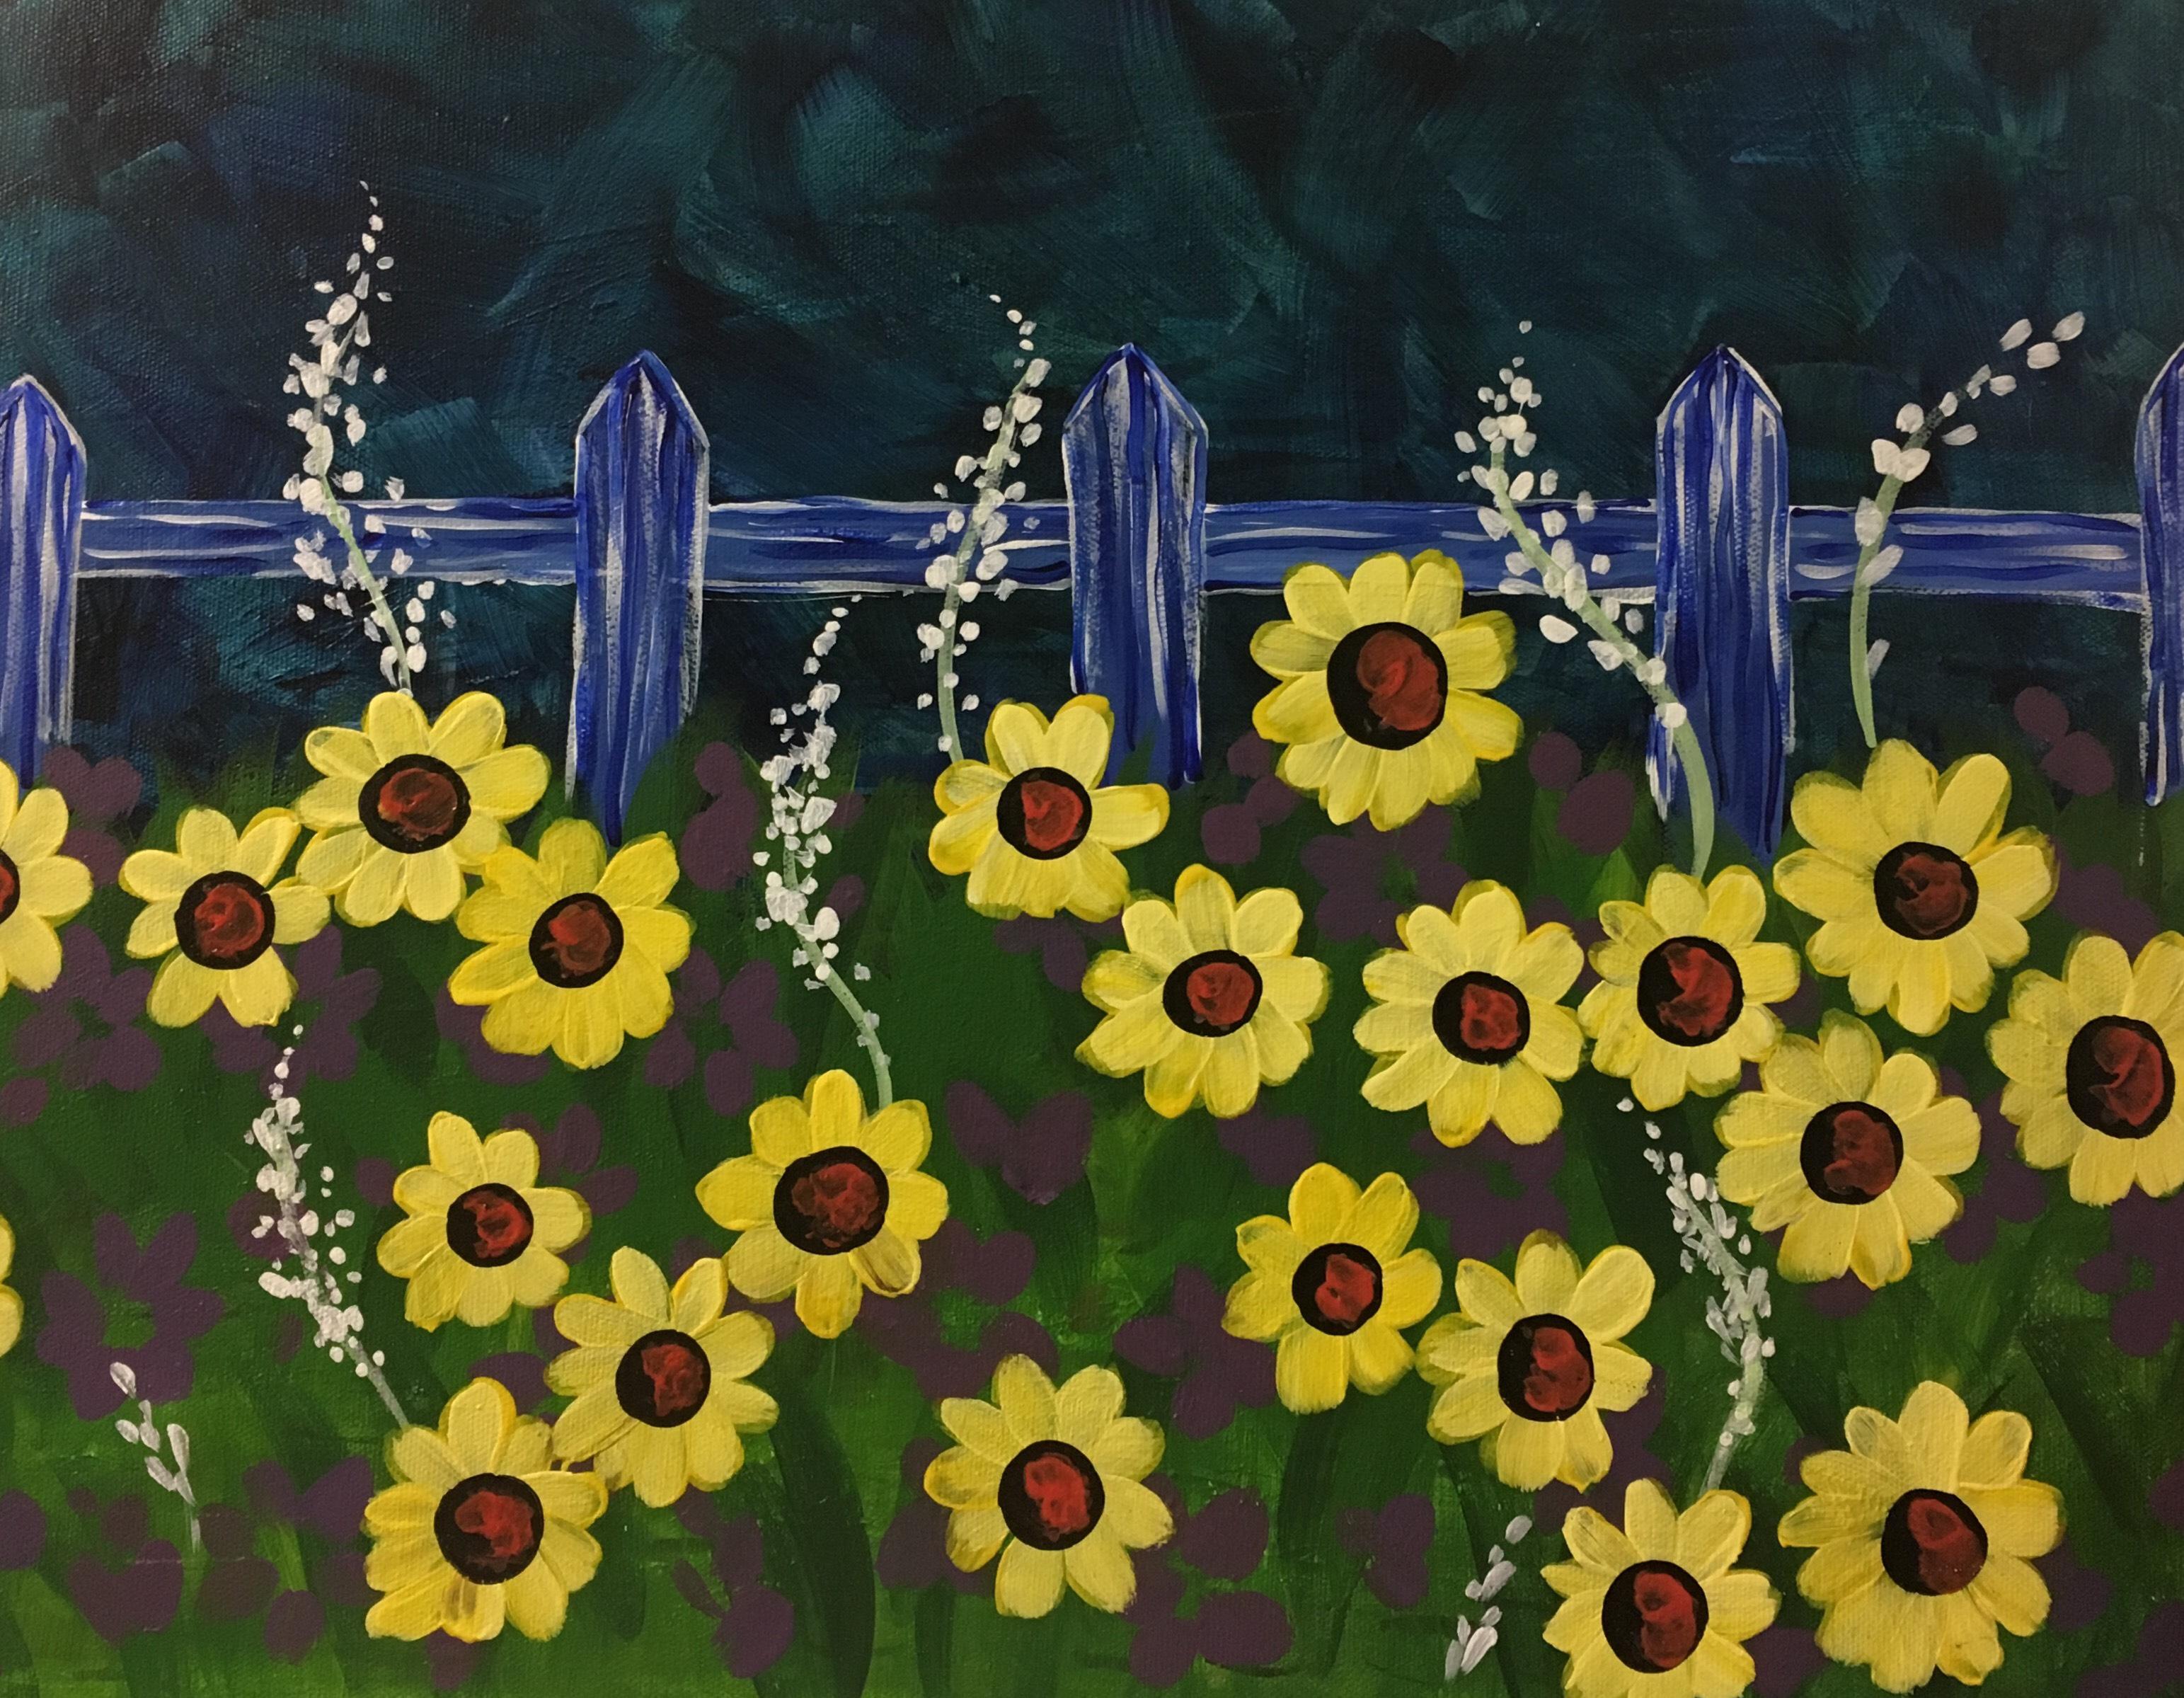 Flowers & Fences